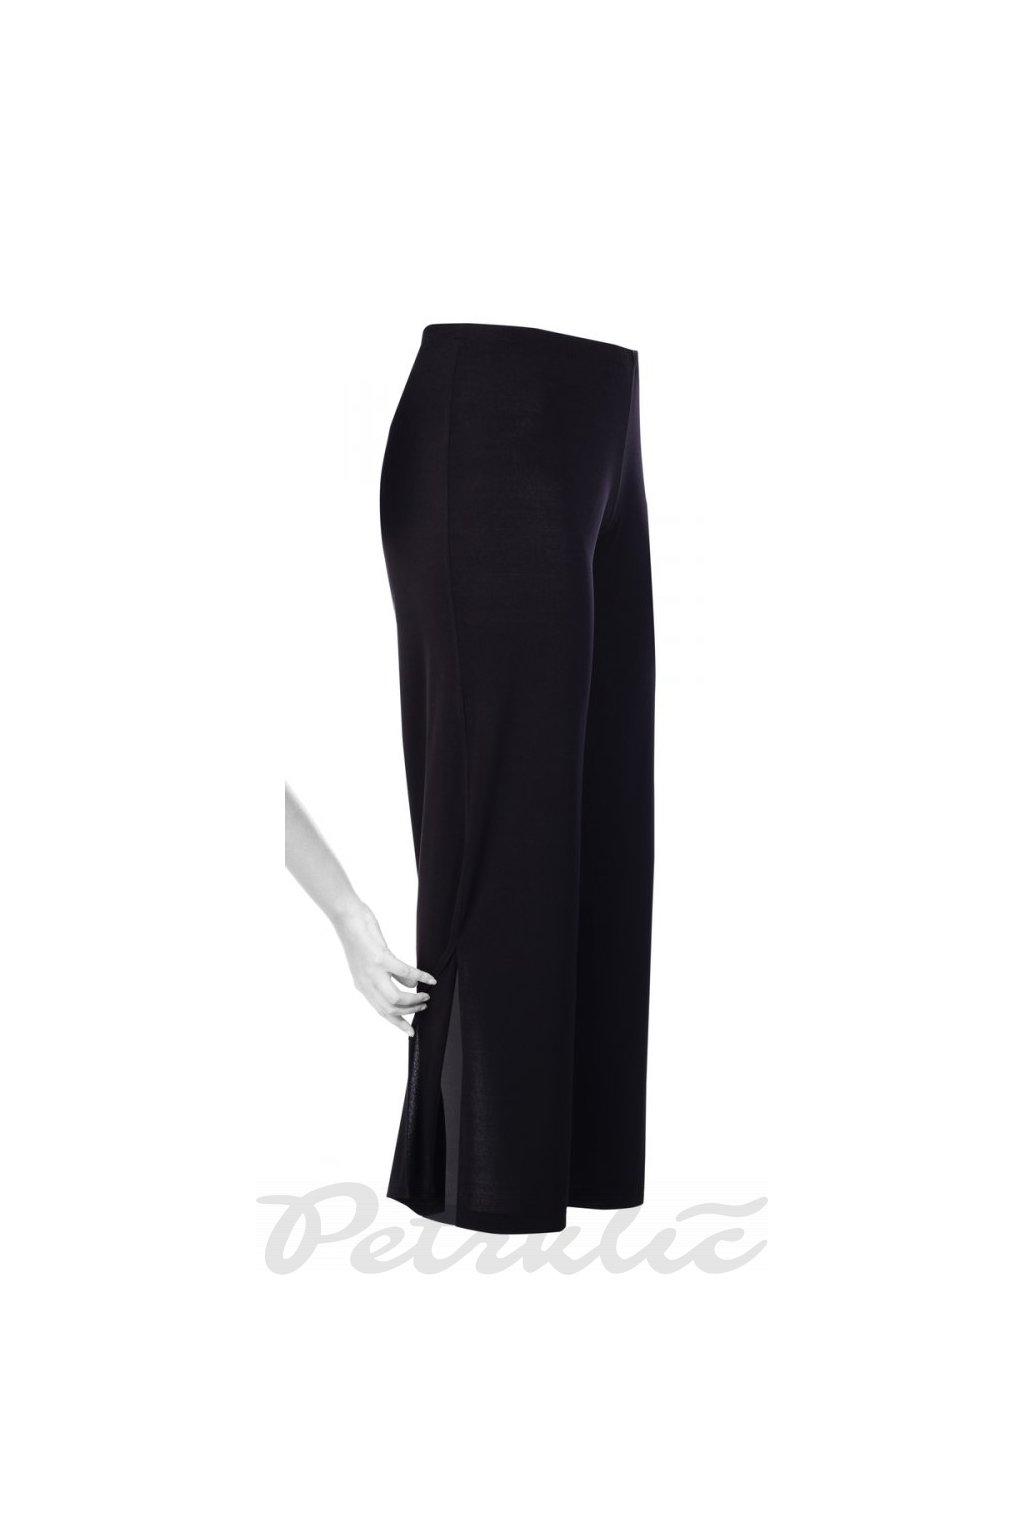 VIKTOR - kalhoty 103 - 108 cm